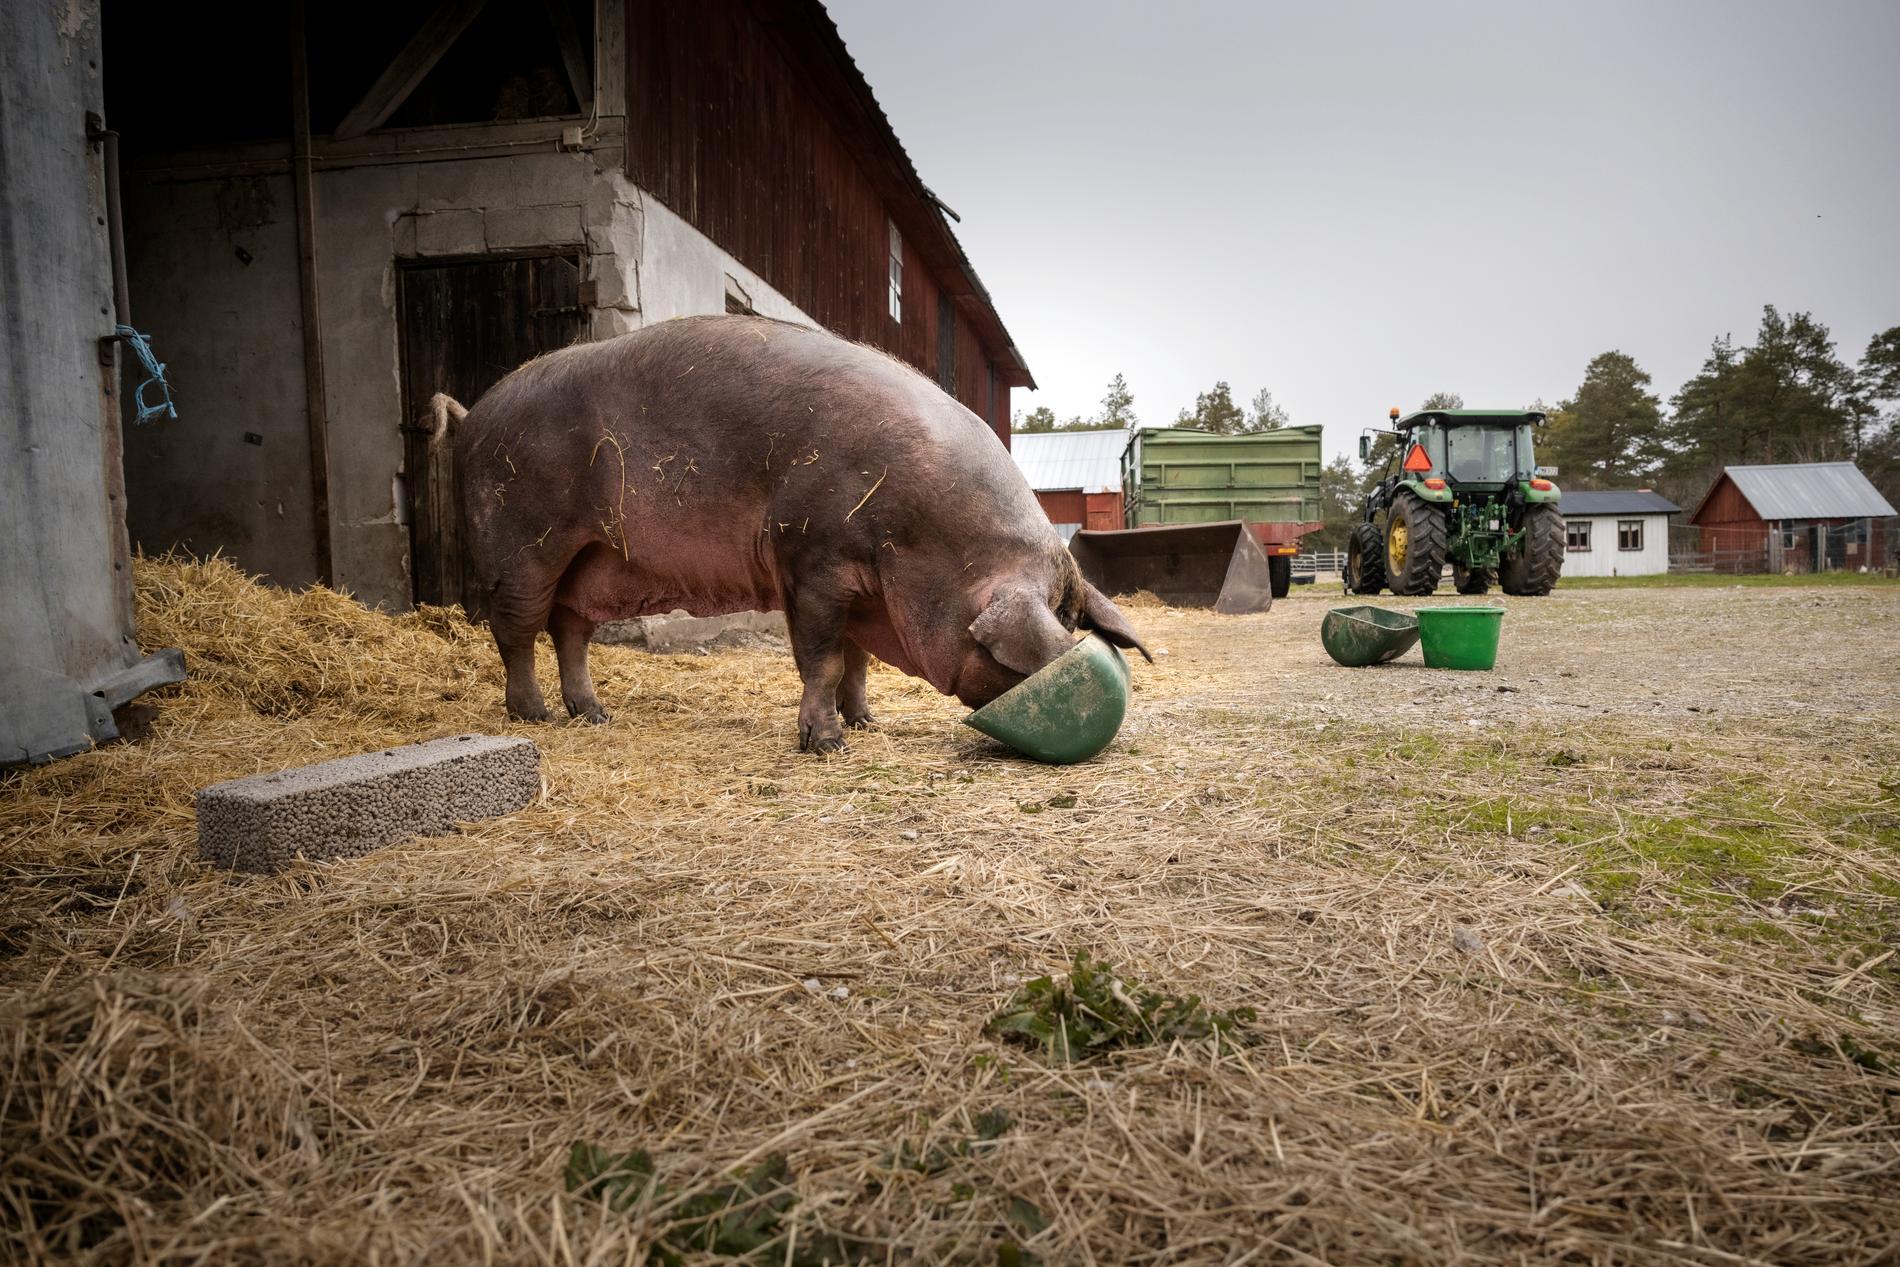 En sugga har svårt att äta och skakar i hela kroppen, som av feber. Flera av grisarna bedöms som gravt överviktiga av Länsstyrelsen och så sjuka att de avlivas på plats.